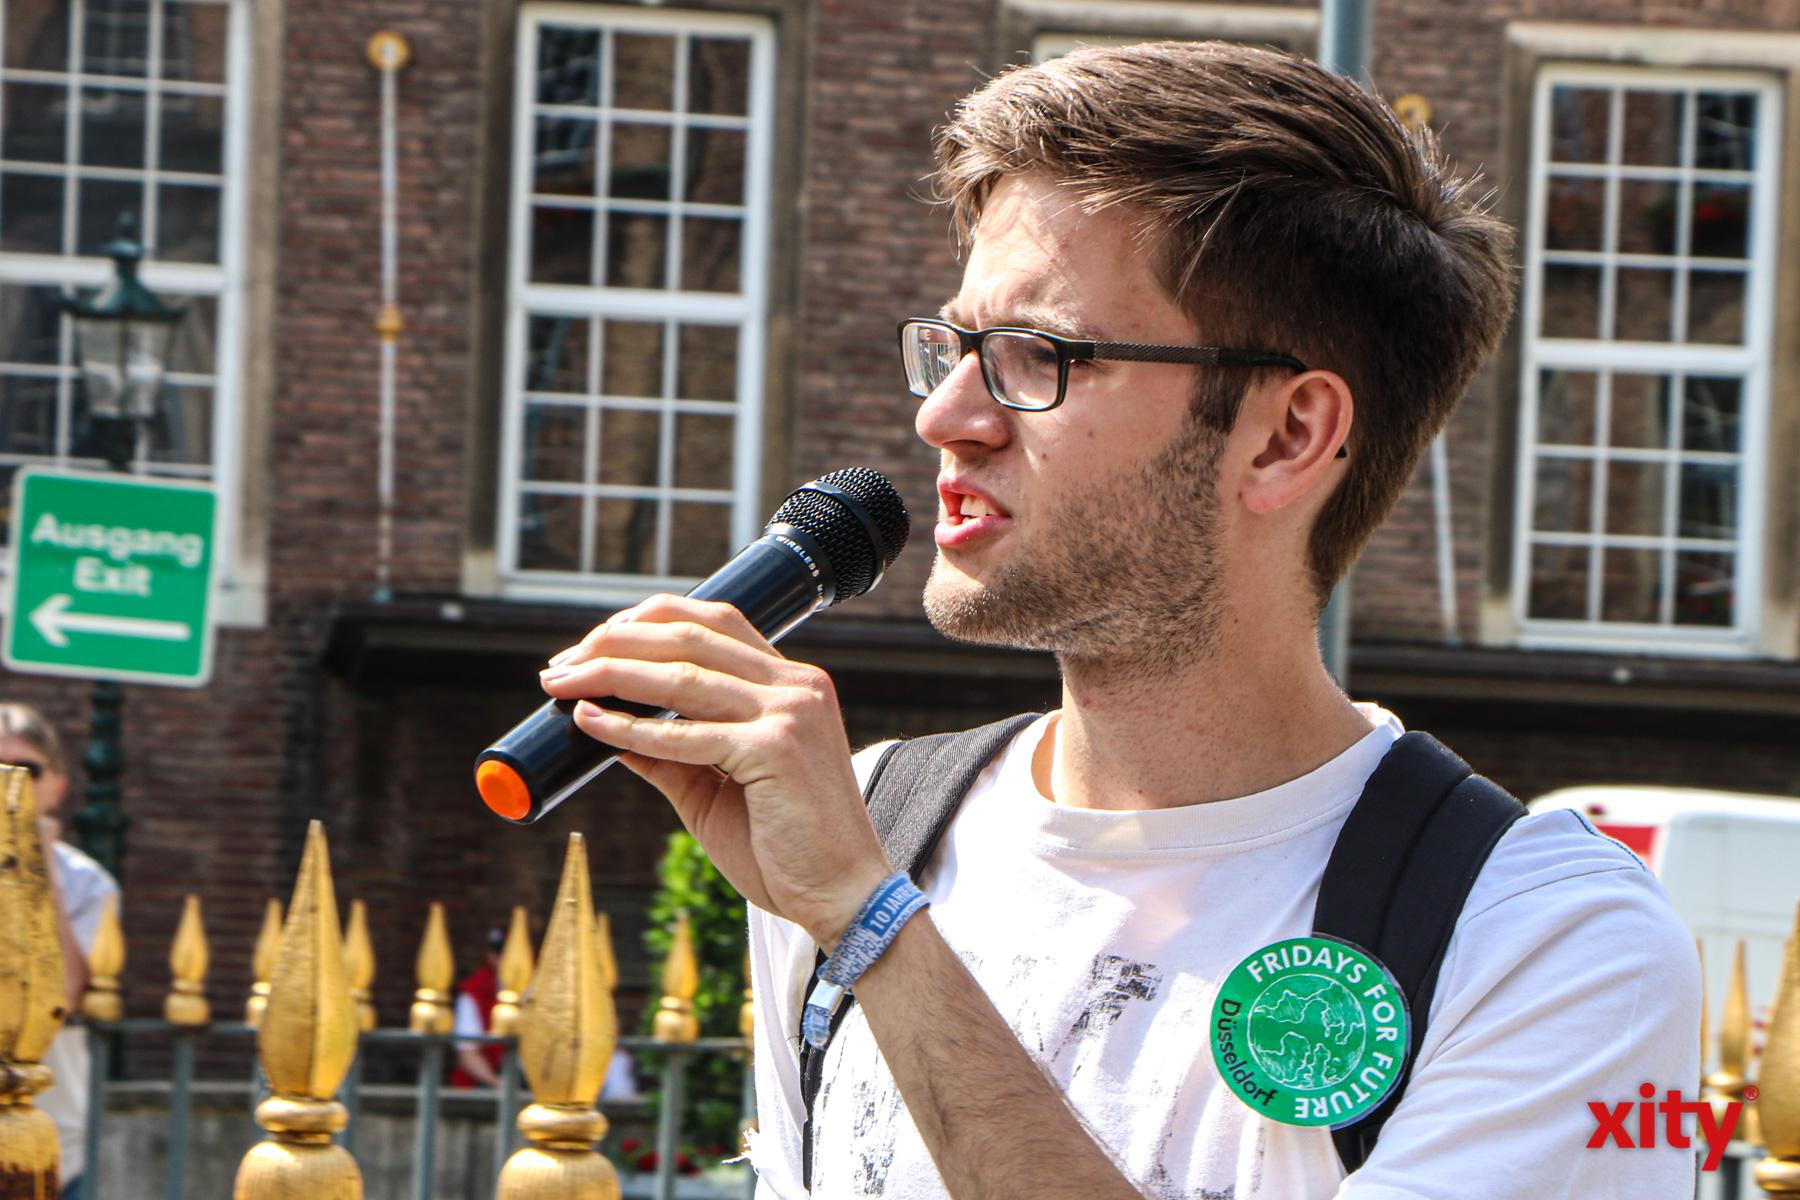 """Lukas Mielzcarek von """"Fridays for Future"""" begrüßte die Teilnehmer vor dem Düsseldorfer Ratha(Foto: xity)"""